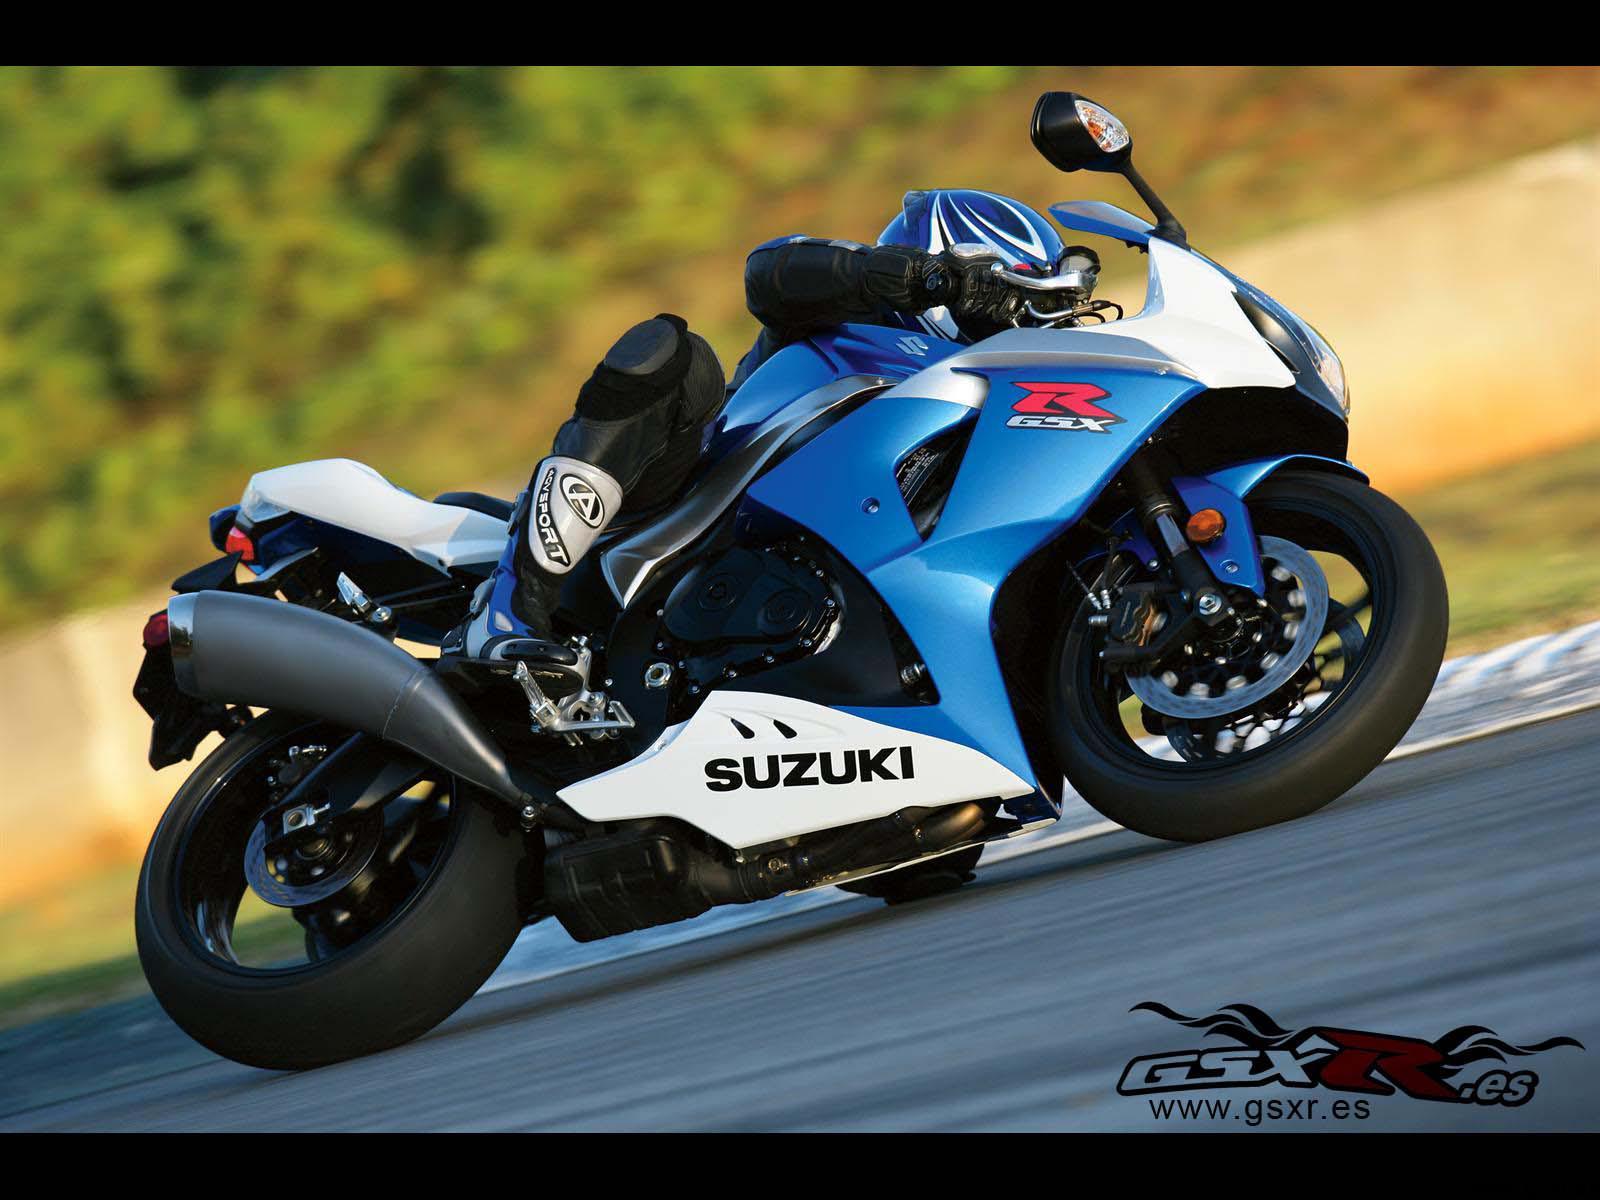 Suzuki GSX-R 1000 2009 azul blanco